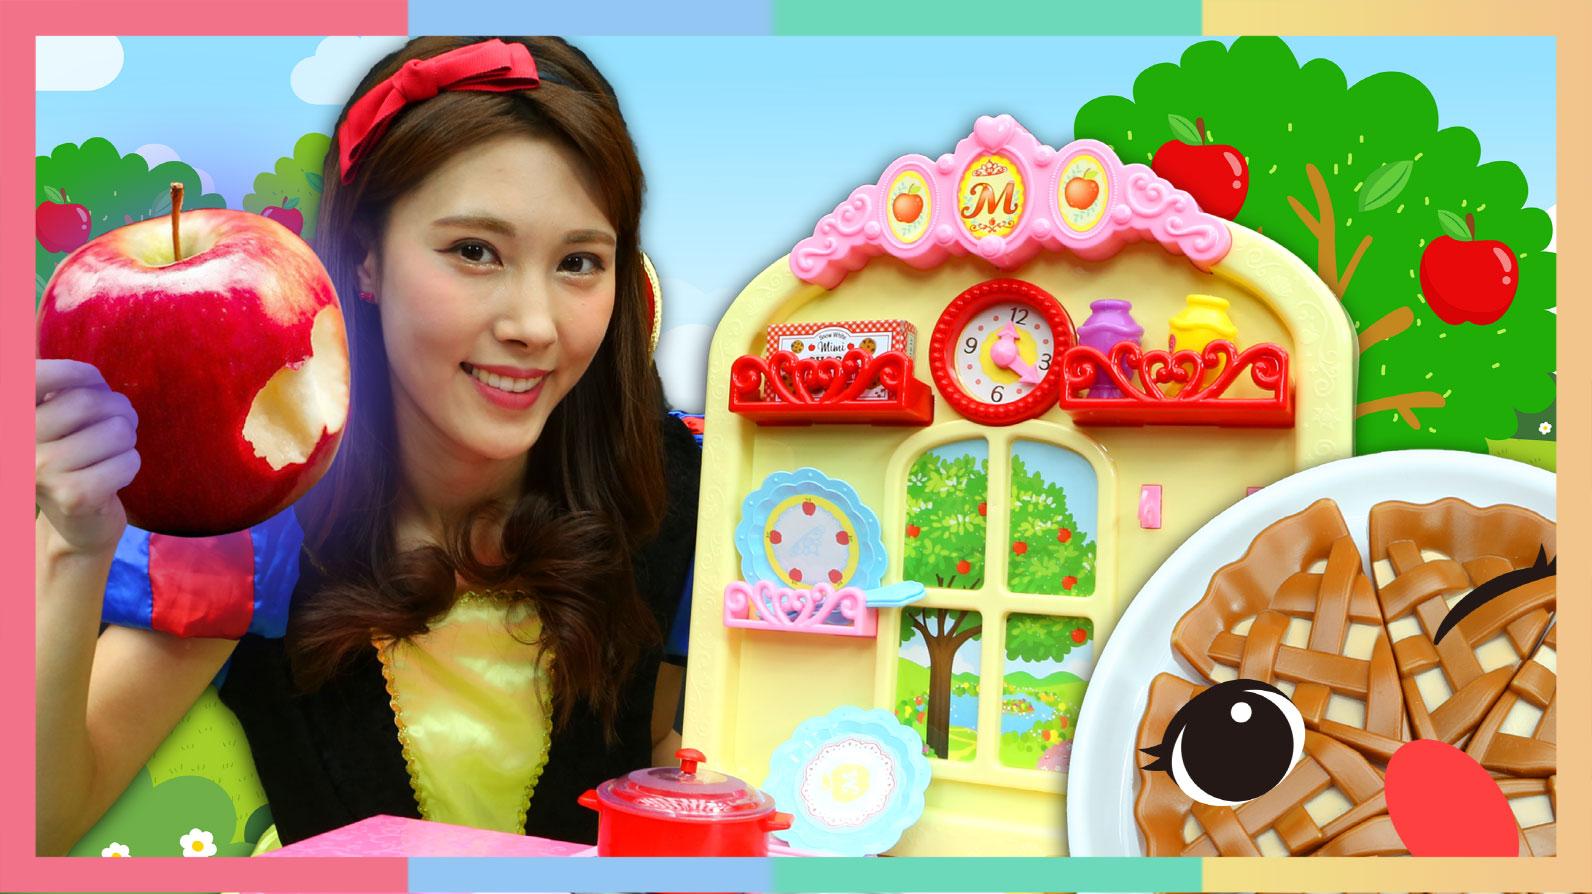 会变丑的苹果!白雪公主的厨房里有什么?| 凯利和玩具朋友们 CarrieAndToys